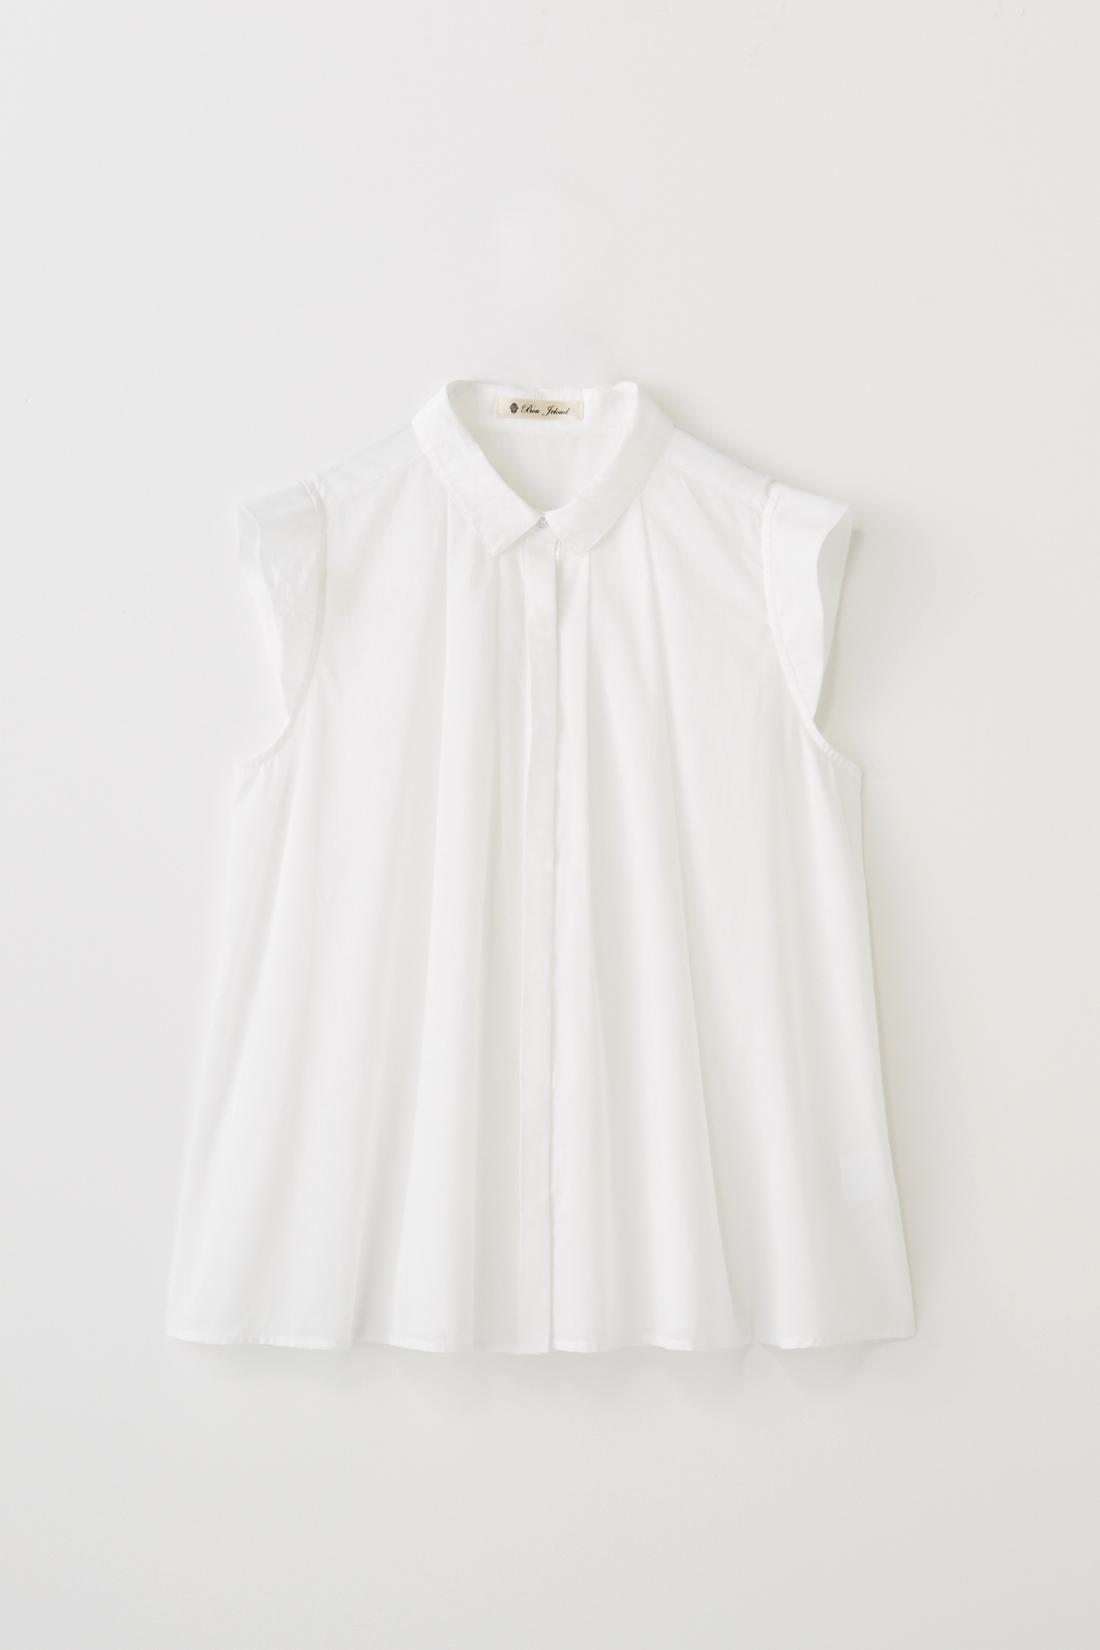 ふんわりとしたAライン。小さめの衿や袖がポイントです。